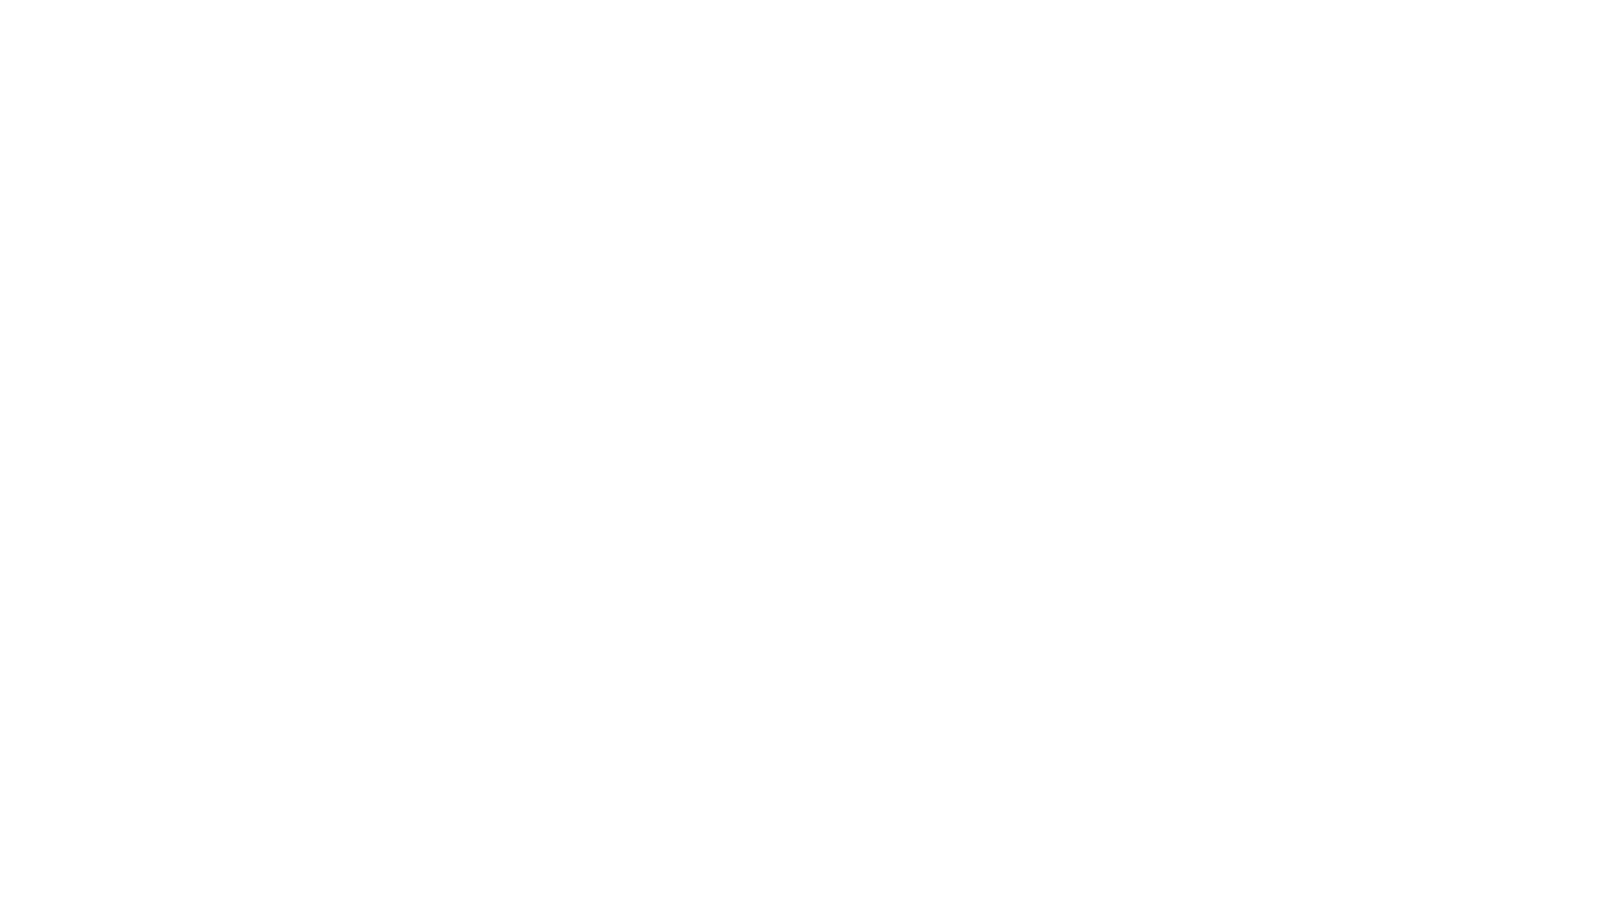 e-commerce, une nouvelle solution pour les expéditions La marque Scotch™ est connue pour ses innovations qui ont bouleversé nos habitudes de travail, au bureau notamment. Tout le monde connaît le célèbre ruban adhésif ou encore les notes Post-it® qui se sont durablement ancrées dans nos habitudes. Pour répondre à la croissance fulgurante des ventes en ligne, la marque Scotch™ a imaginé un rouleau d'expédition Flex & Seal qui permet, grâce à un seul produit, d'emballer toutes sortes d'objets de volumes te formes diverses. Il suffit d'une paire de ciseau pour réaliser des expéditions se propres, simples et rapides.   Cette nouvelle solution pour l'emballage et  pour l'expédition permet de faire des économies de temps et de place de l'ordre de 50%.   La Fédération du e-commerce et de la vente en ligne annonçait en juin dernier des chiffres déjà très éloquents (communiqué de presse ici ➡ https://www.fevad.com/chiffres-cles-du-e-commerce-en-2020/)  En France, le e-commerce est un secteur qui pèse par an désormais plus de 100 milliards d'euros, touche plus de 40 millions de Français et compte plus de 200 000 sites qui, ont dû enregistrer près de 2 milliards de transactions. Les différents confinements que nous avons connus auront un impact certain sur ces chiffres lors de leur mise à jour pour le second semestre 2020.  Gagner du temps, des fournitures et de l'espace de stockage pour les expéditions prend donc plus que jamais tout son sens.   Le rouleau d'expédition Flex & Seal est vendu par le réseau de professionnels de fournitures de bureau.  Vous trouverez le dossier de presse en ligne et de nombreux visuels sur notre Press-Room digitale cattoire.com ➡ https://www.cattoire.com/bricolage/le-rouleau-dexpedition-flex-seal-signe-scotch-va-emballer-le-e-commerce/   #flexandseal #shippingroll #eshop #eboutique    Restez informés sur l'actualité des clients Cattoire Relation Presse : Notre Press-Room digitale : https://www.cattoire.com/https://www.... https://www.facebook.com